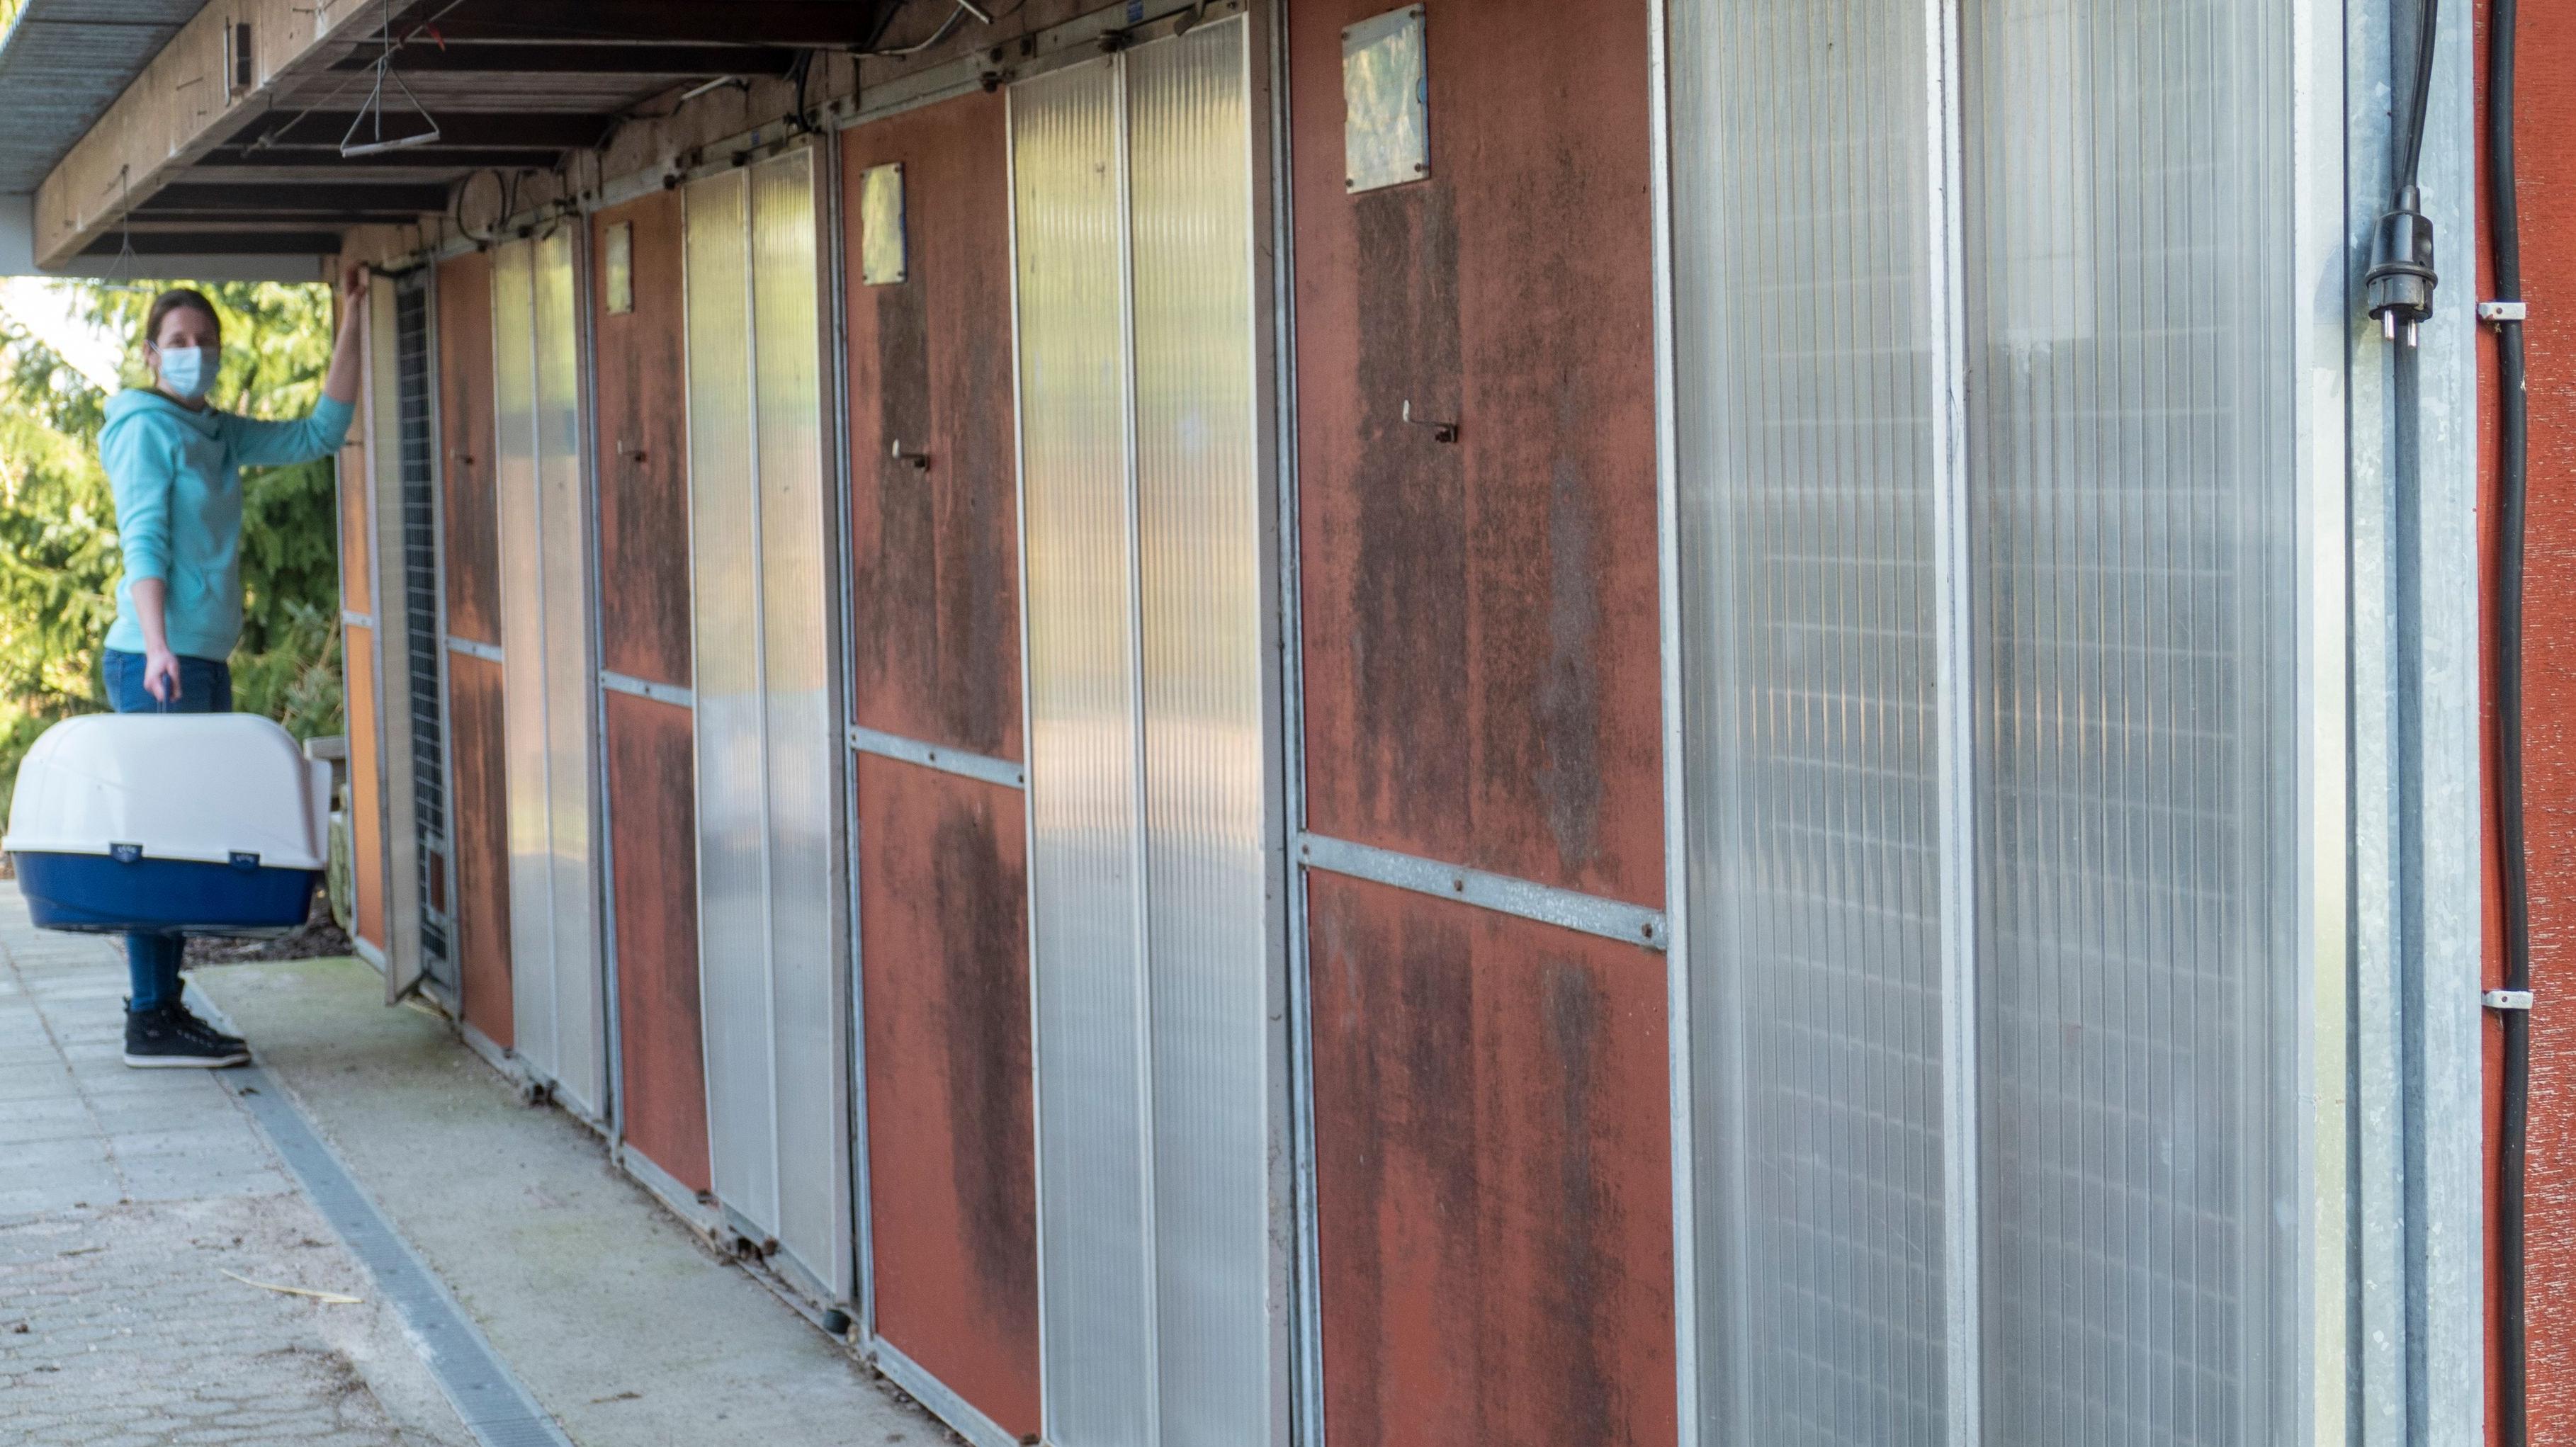 Baufällig: Den in die Jahre gekommenen Zwinger kann Karina Göbel, die Leiterin des Sedelsberger Tierheims, nicht mehr für die Unterbringung von Hunden nutzen. Die Plätze fehlen ebenso wie Auslaufflächen für Hunde und Gehege für Katzen. Foto: Stix